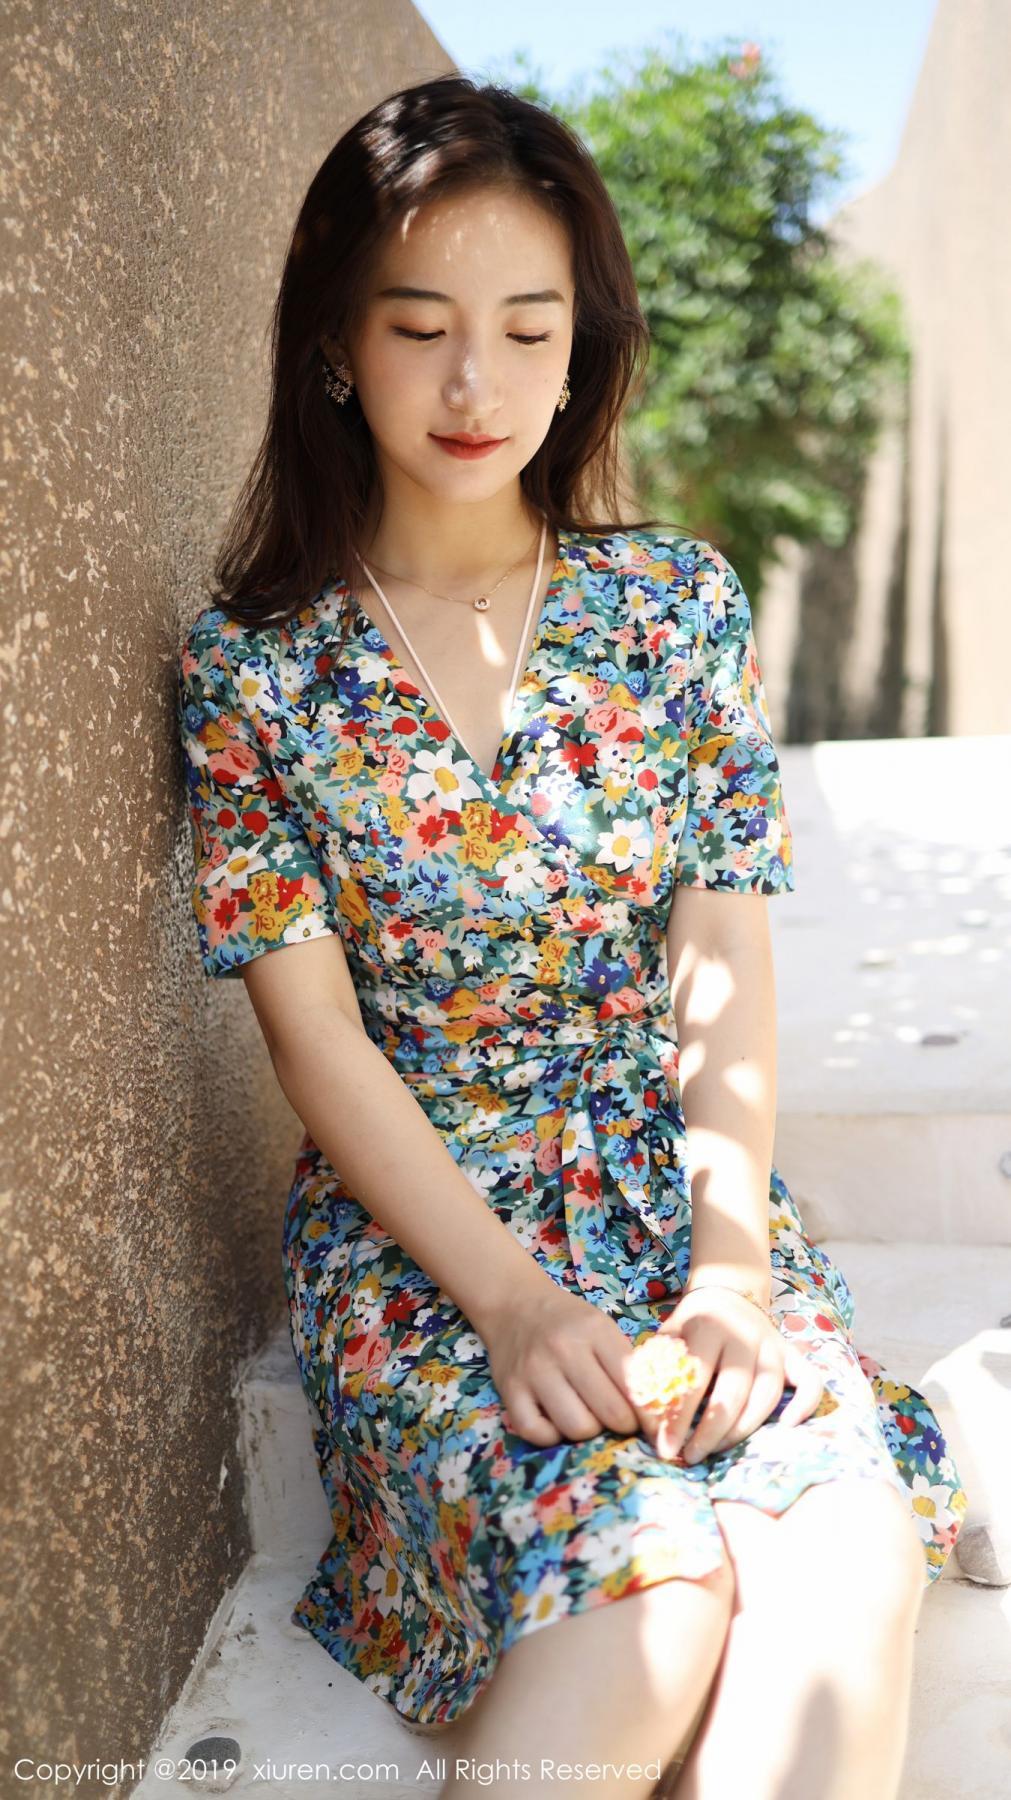 [XiuRen] Vol.1641 Gong Tian Yi 25P, Gong Tian Yi, Pretty, Temperament, Xiuren